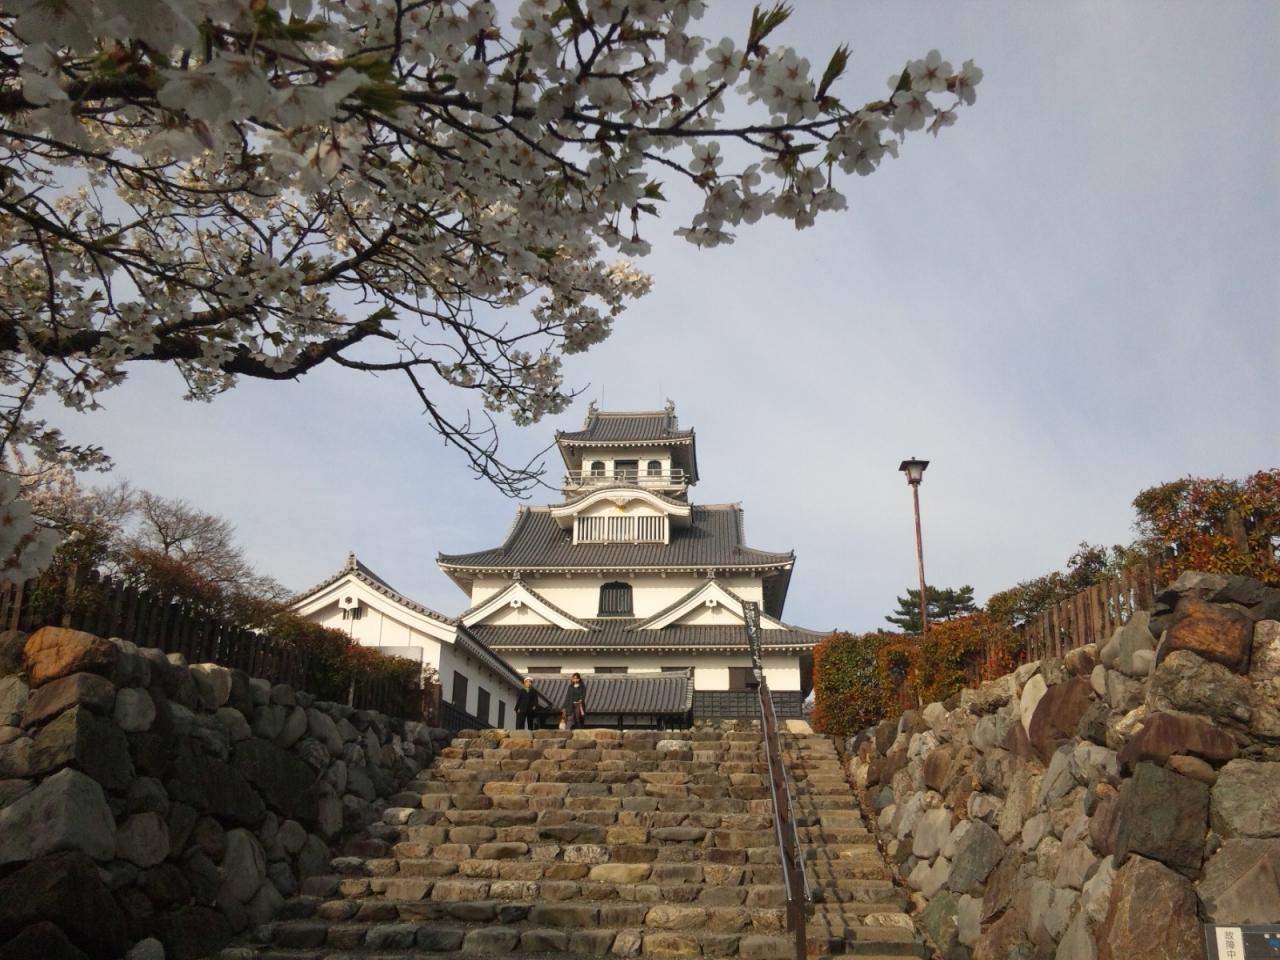 初めての滋賀県、長浜曳山まつりに魅了される!